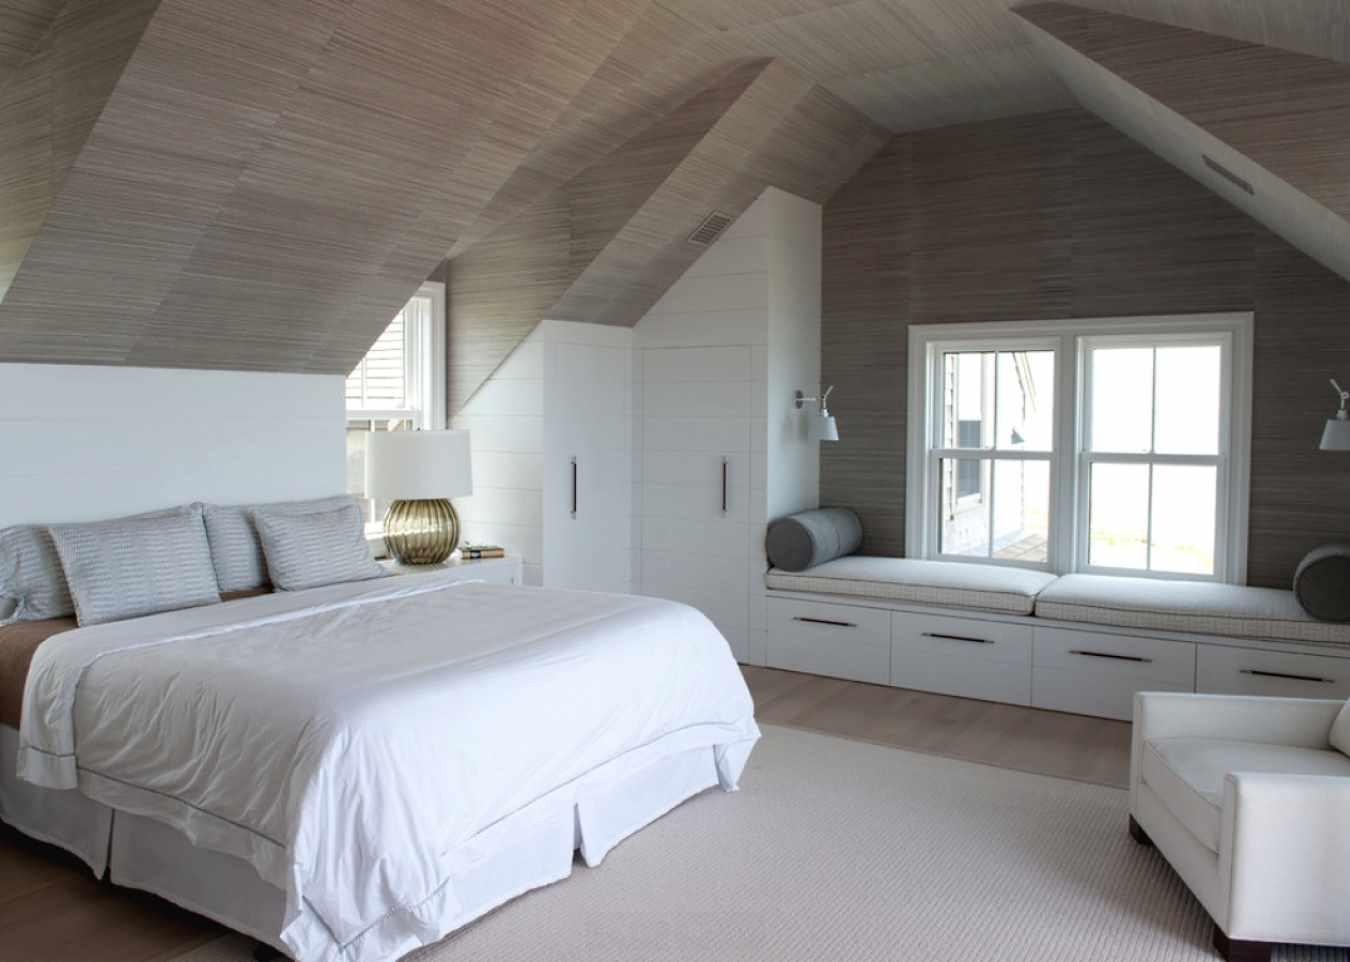 идея светлого дизайна спальной комнаты в мансарде